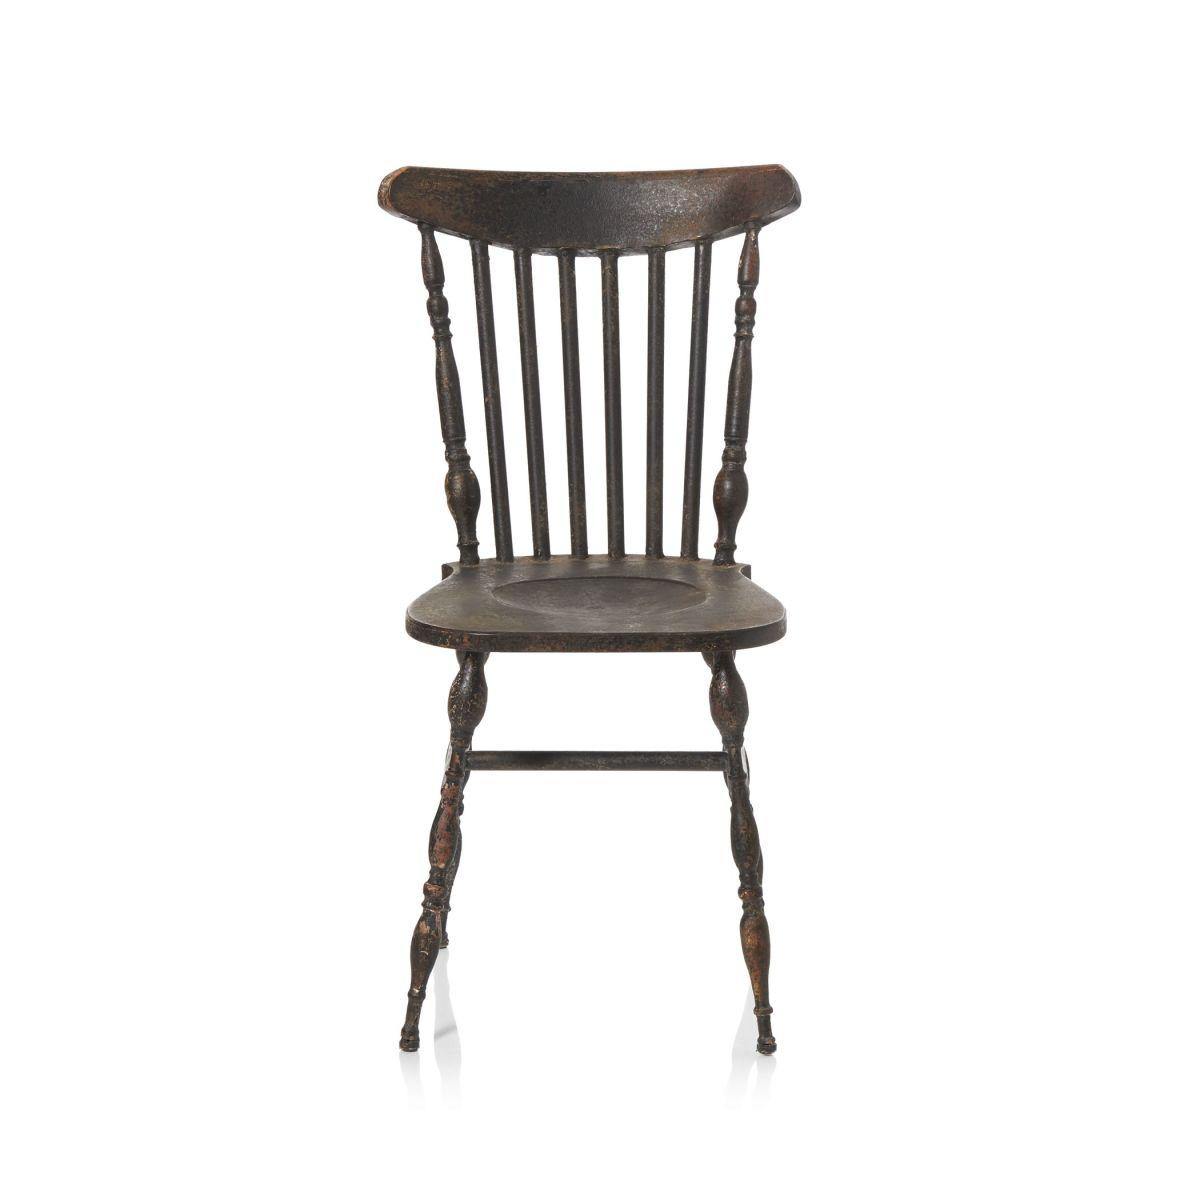 Stuhl rustikal Shabby Chic Vintage-Look